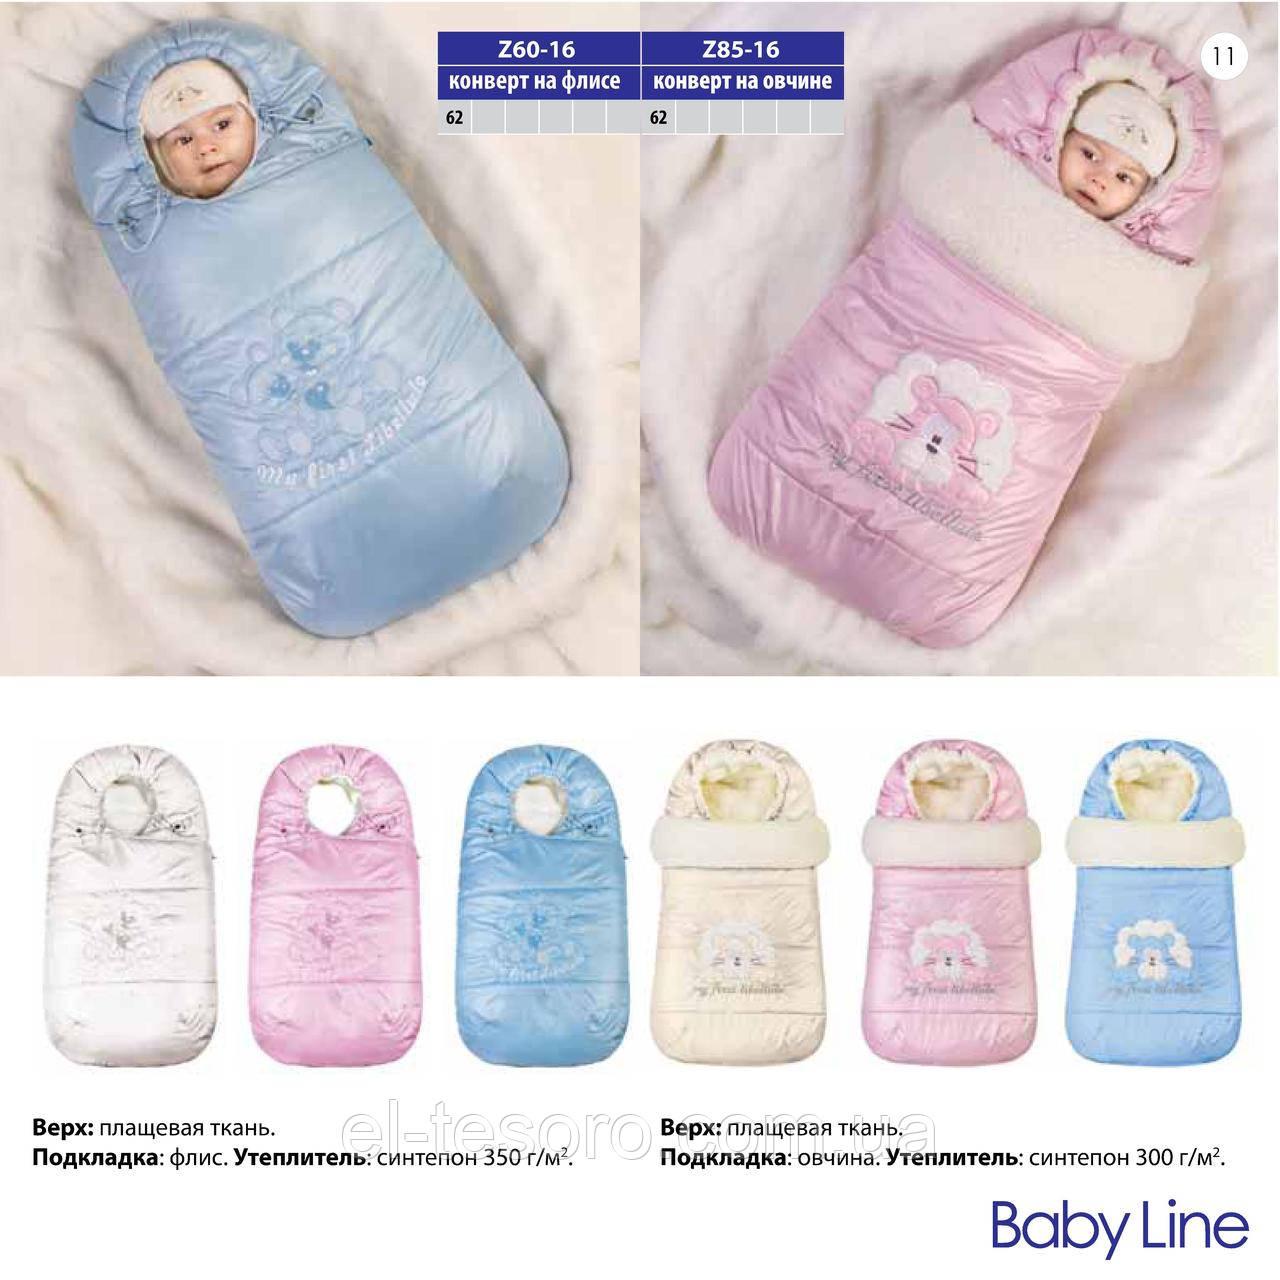 3c5c8dc2eeb9 Конверты Baby line в категории конверты для новорожденных в Украине.  Сравнить цены, купить потребительские товары на маркетплейсе Prom.ua